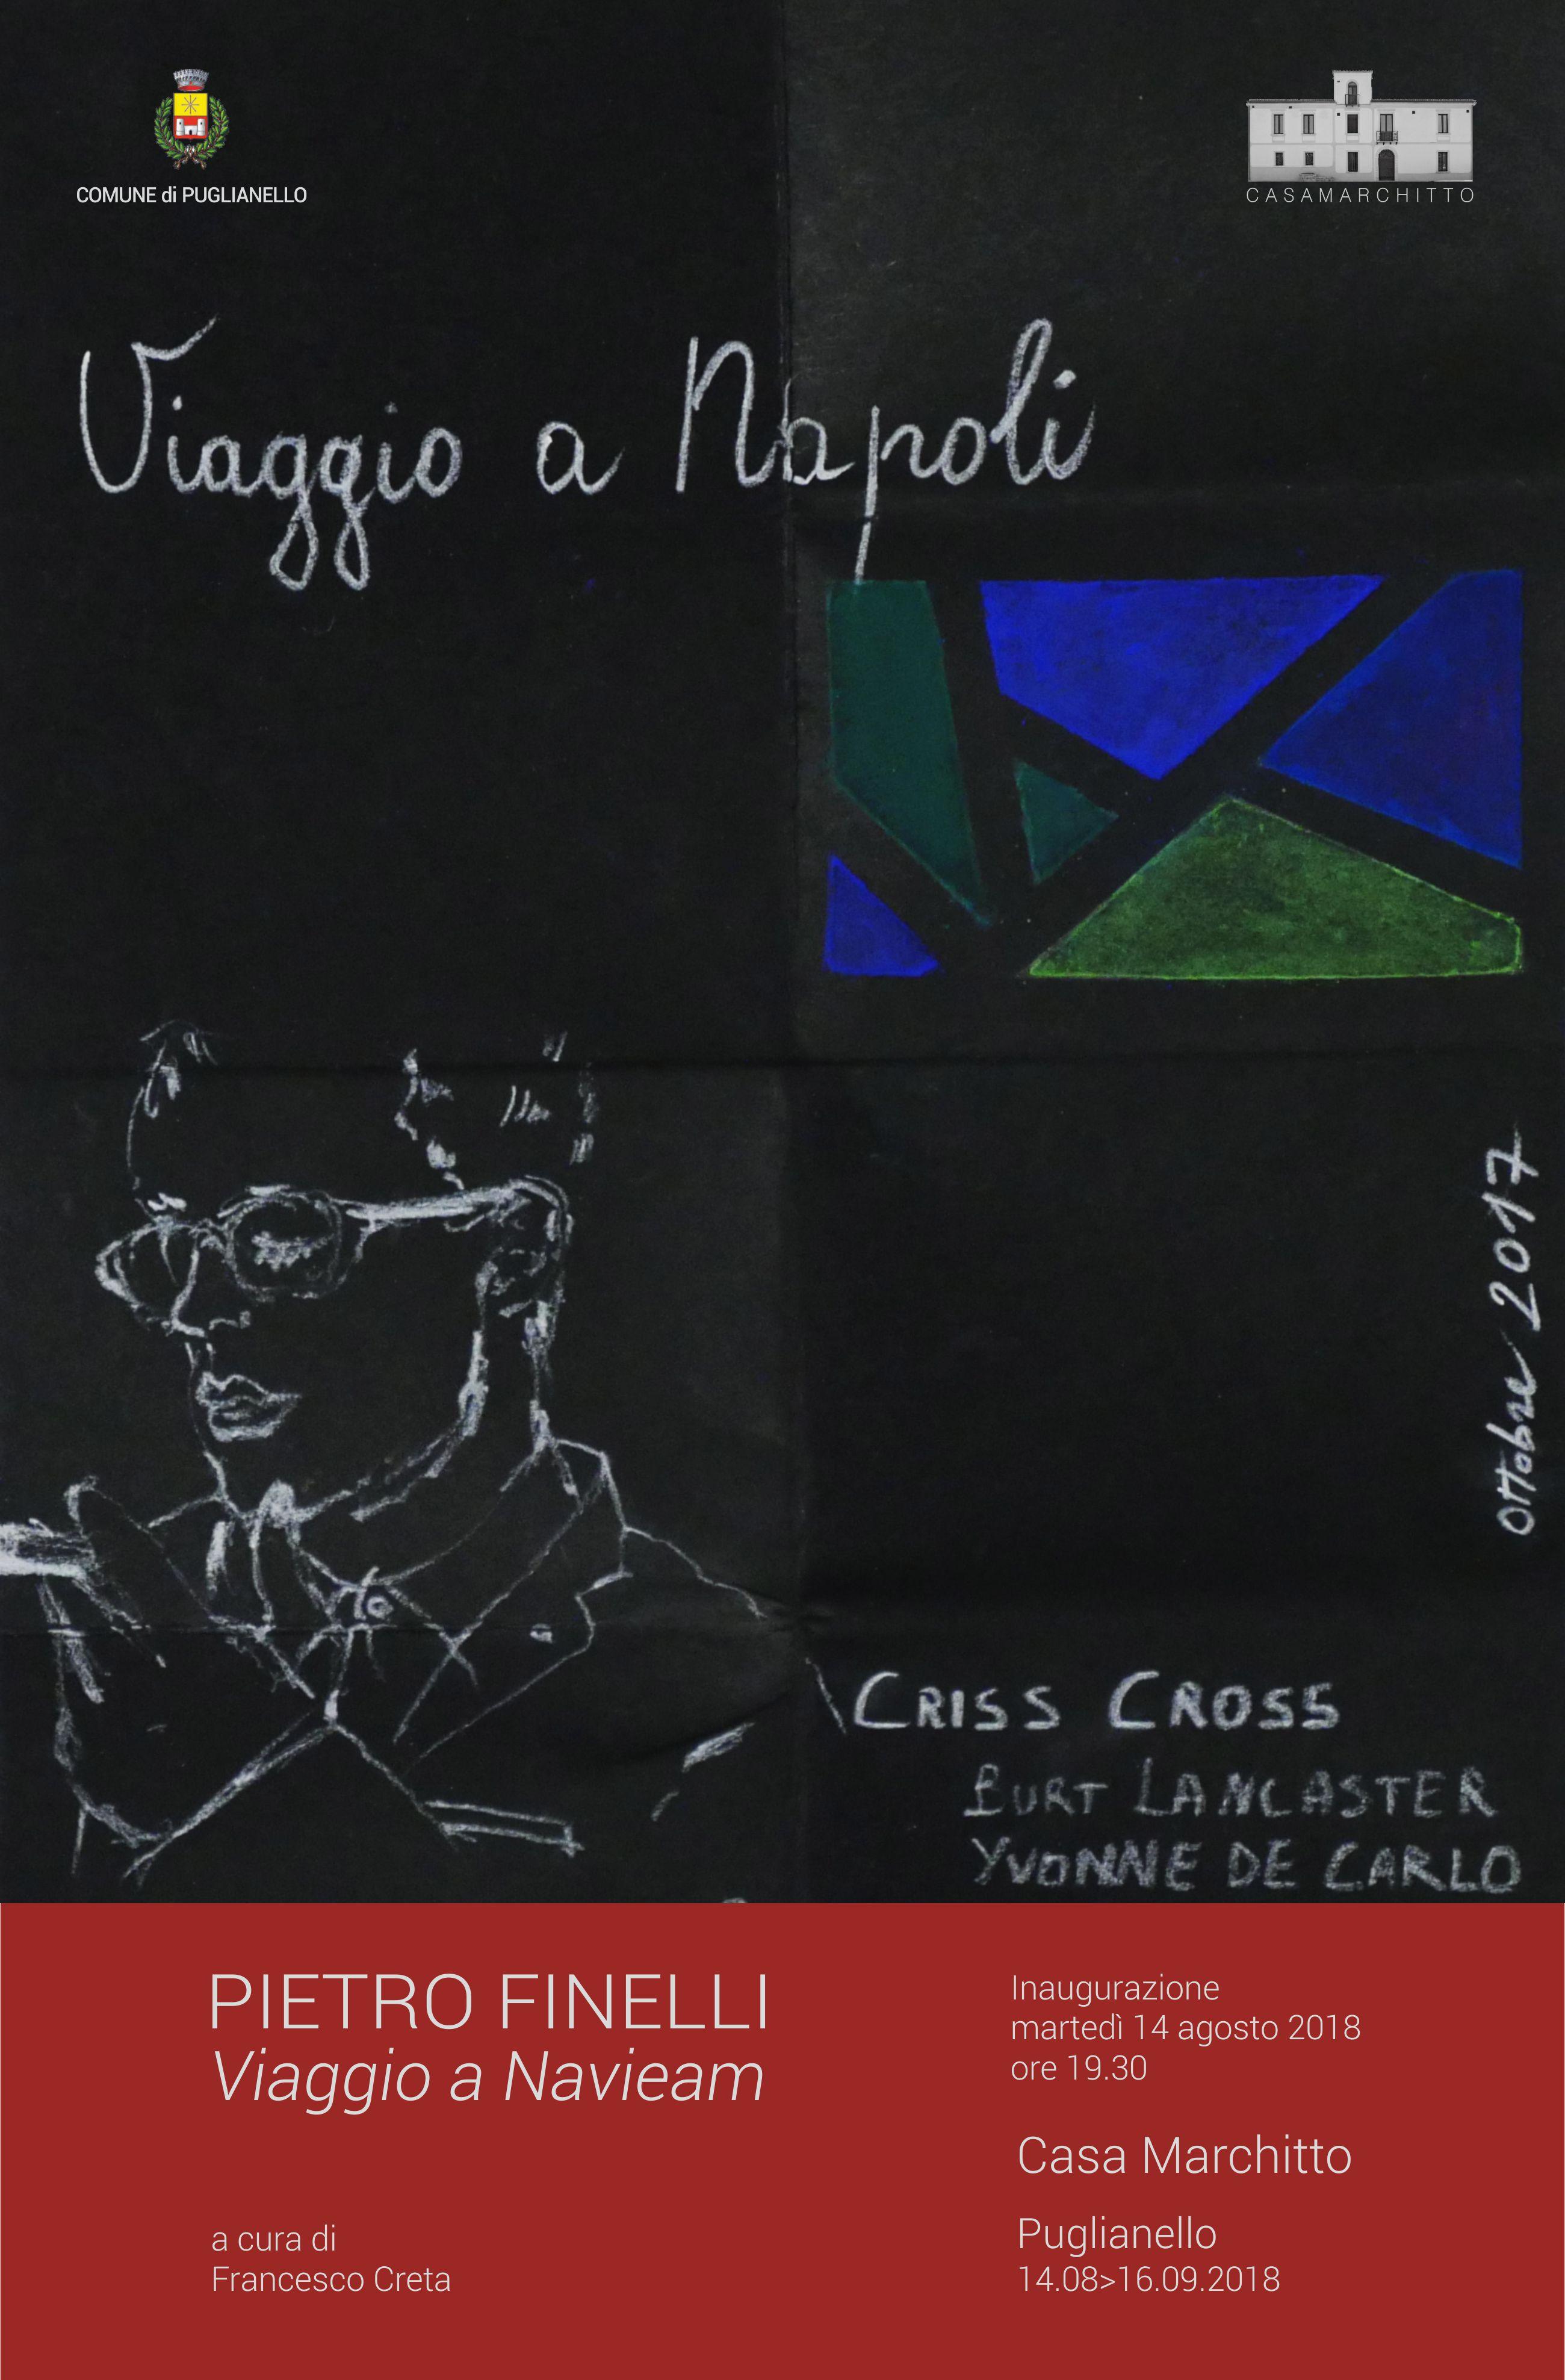 'Viaggio a Navieam', al via domani la mostra di Pietro Finelli a Puglianello